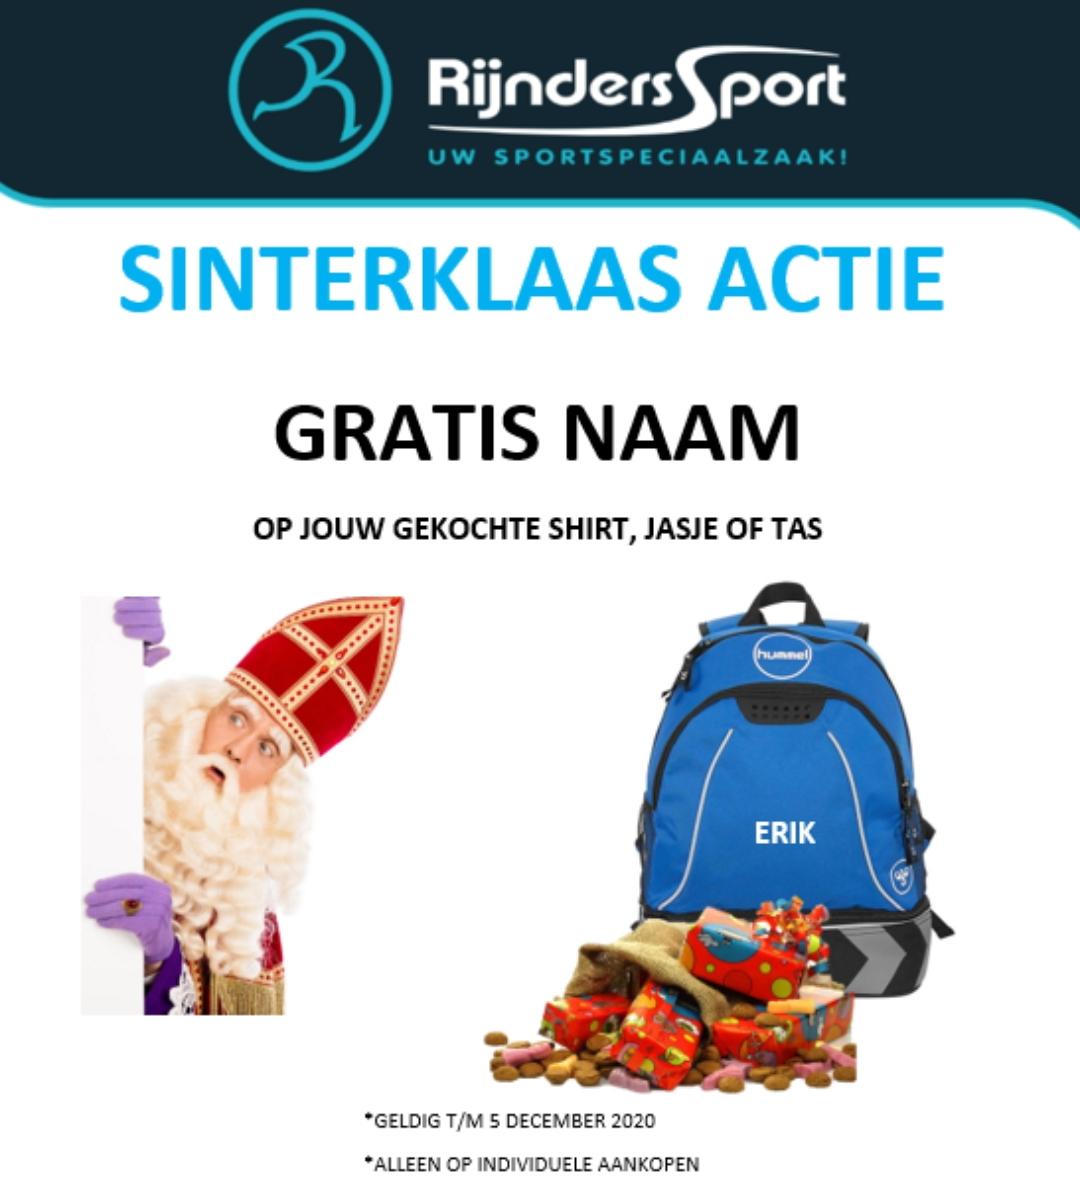 Sinterklaasactie Rijnders Sport